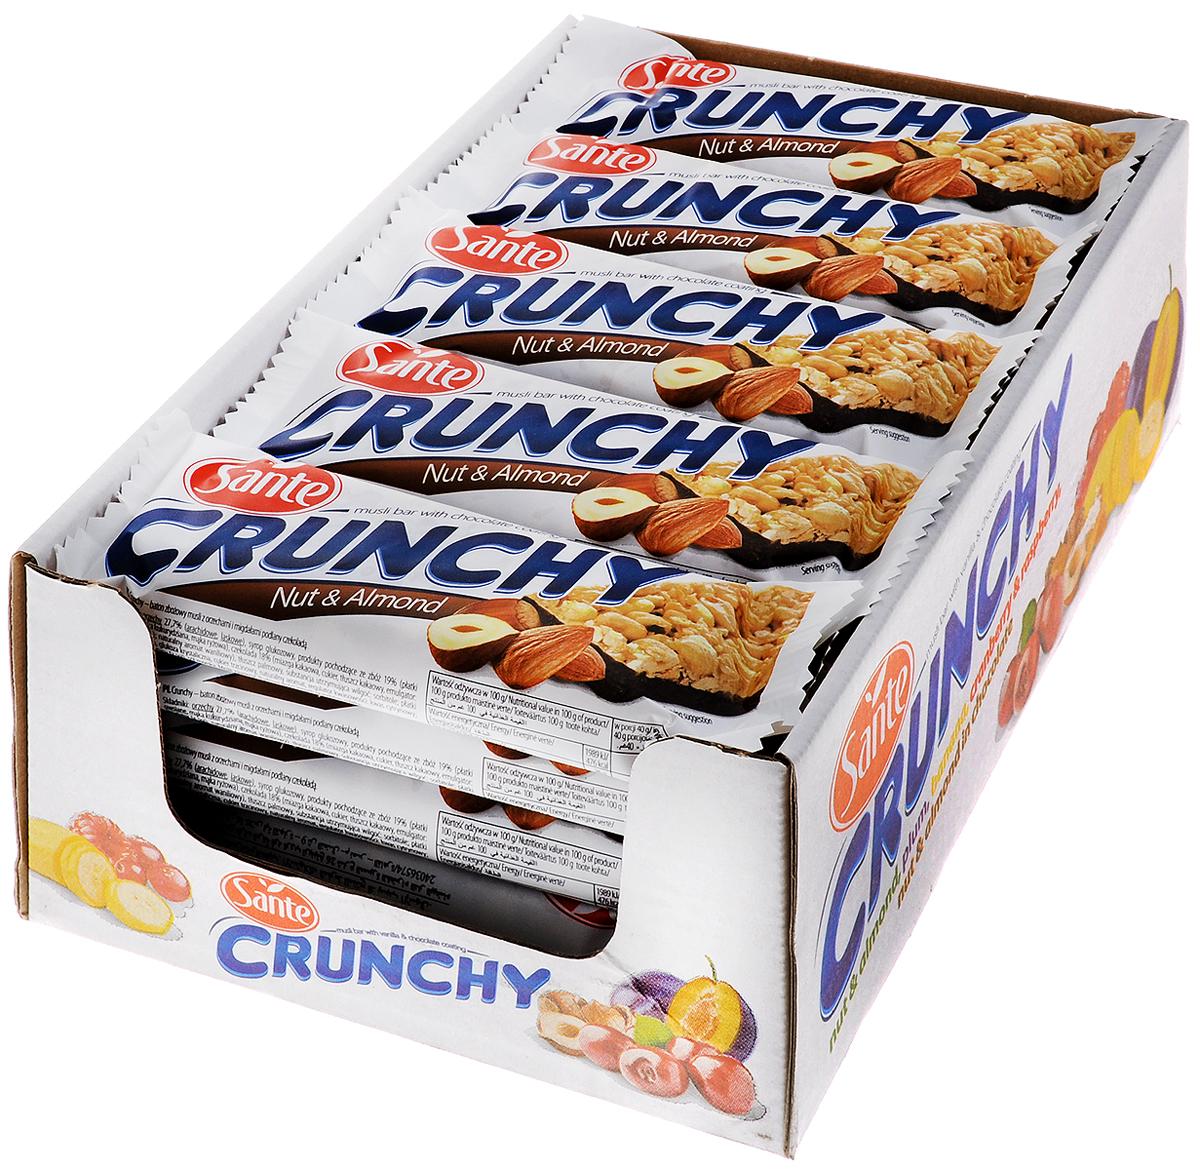 Sante Crunchy батончикмюслисорехамииминдалем в шоколаде,40г (25 шт)0120710БатончикмюслиSante Crunchy имеет высокую питательную ценность и прекрасные вкусовые качества. Батончики являются прекрасной альтернативой высококалорийным шоколадным батончикам.